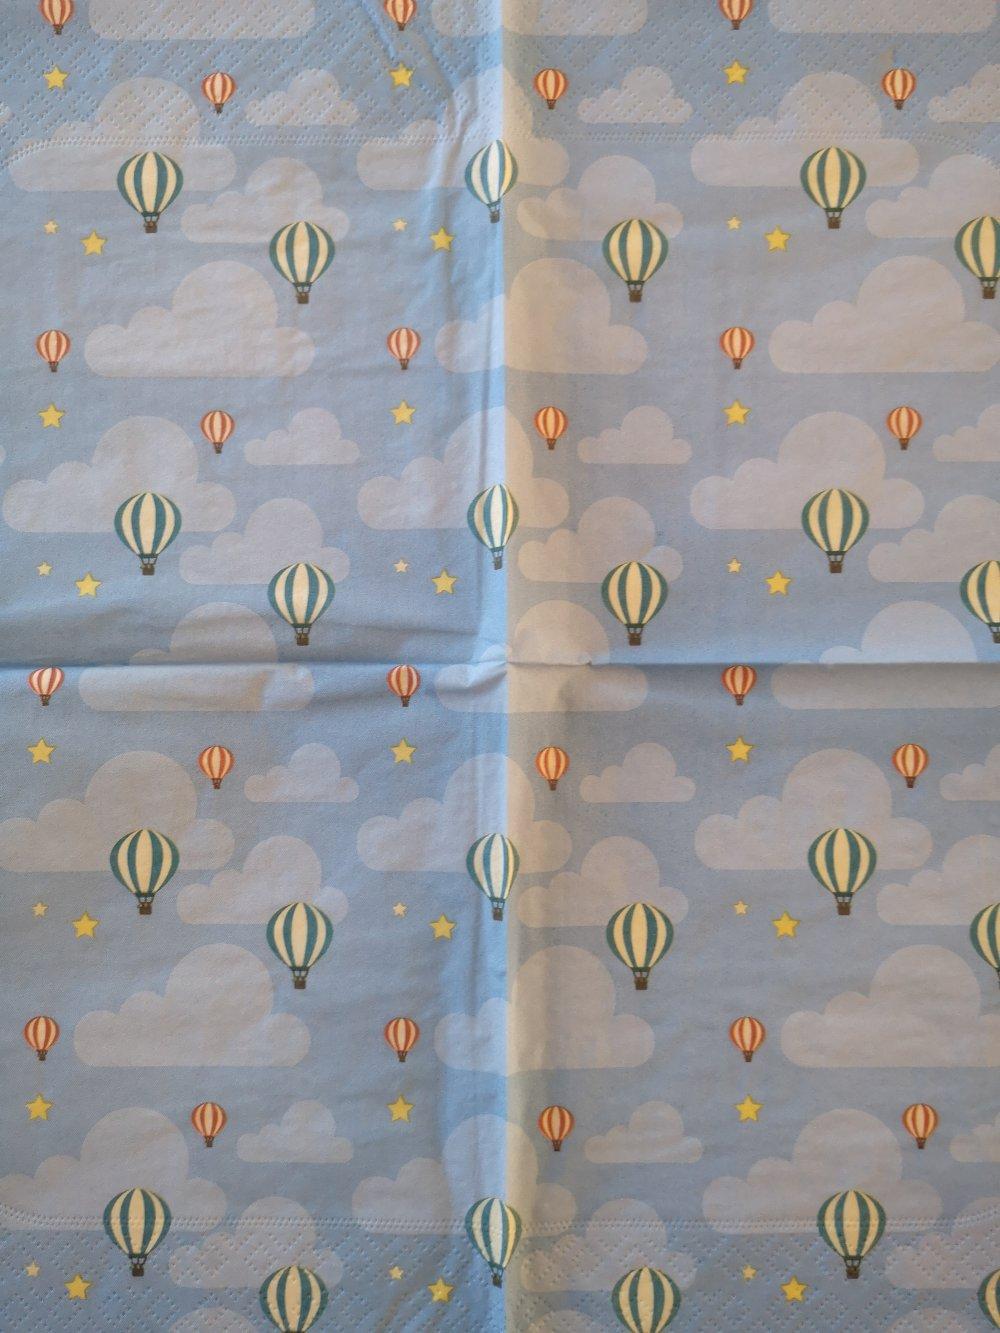 Serviettes en papier motifs montgolfières thème paysage